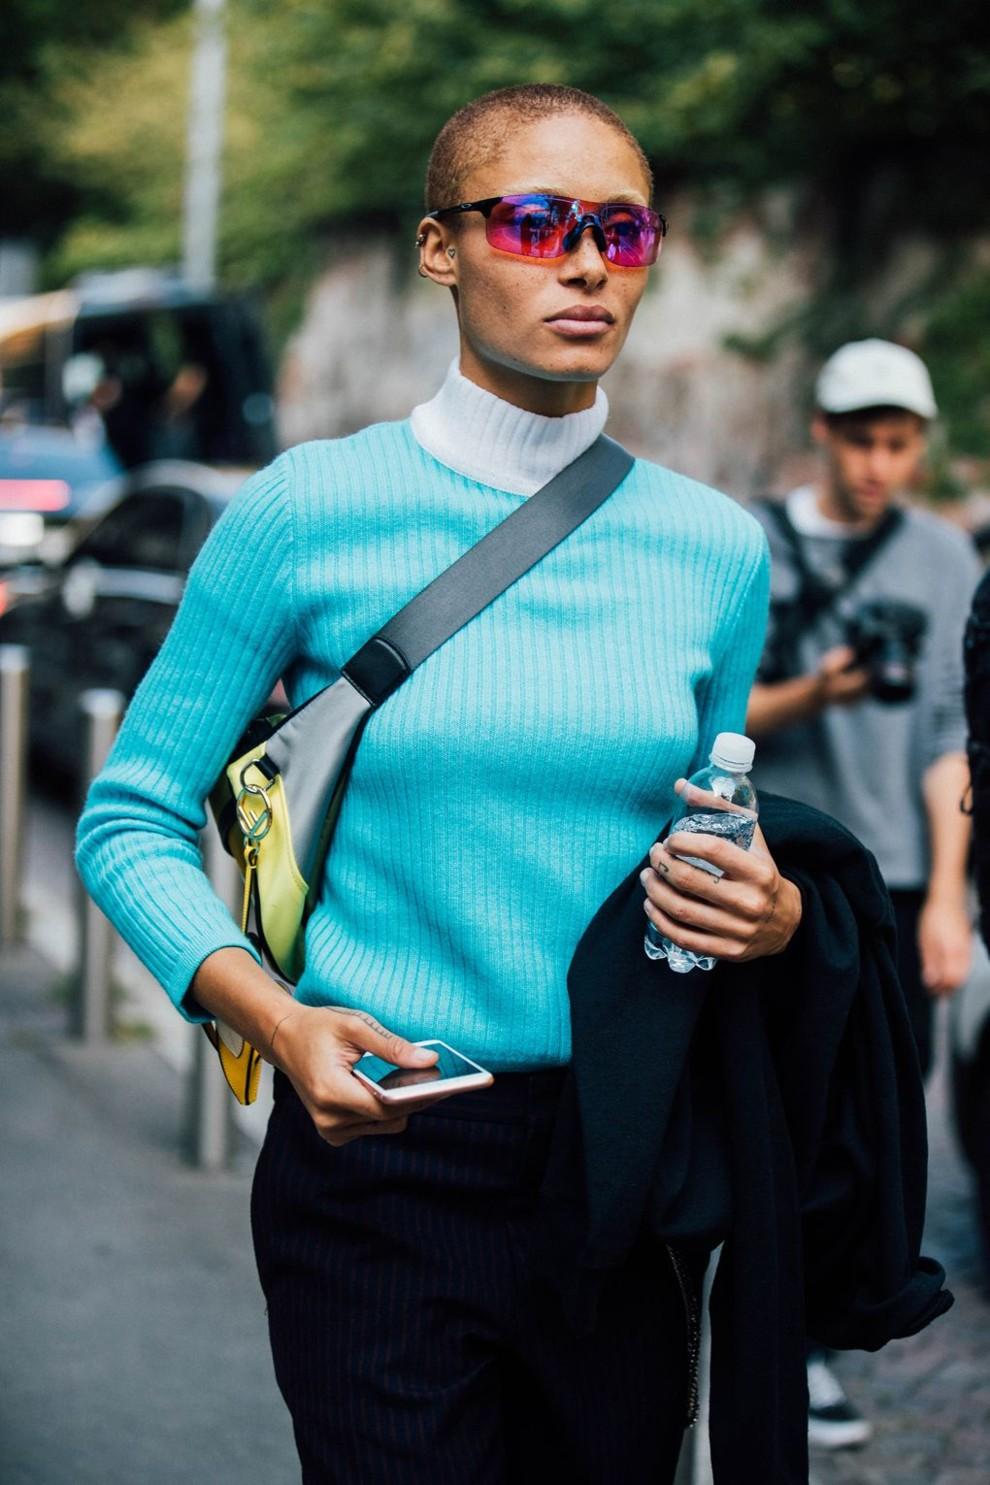 ТОП-10 трендов уличной моды 2019 года: Очки с пастельными линзами